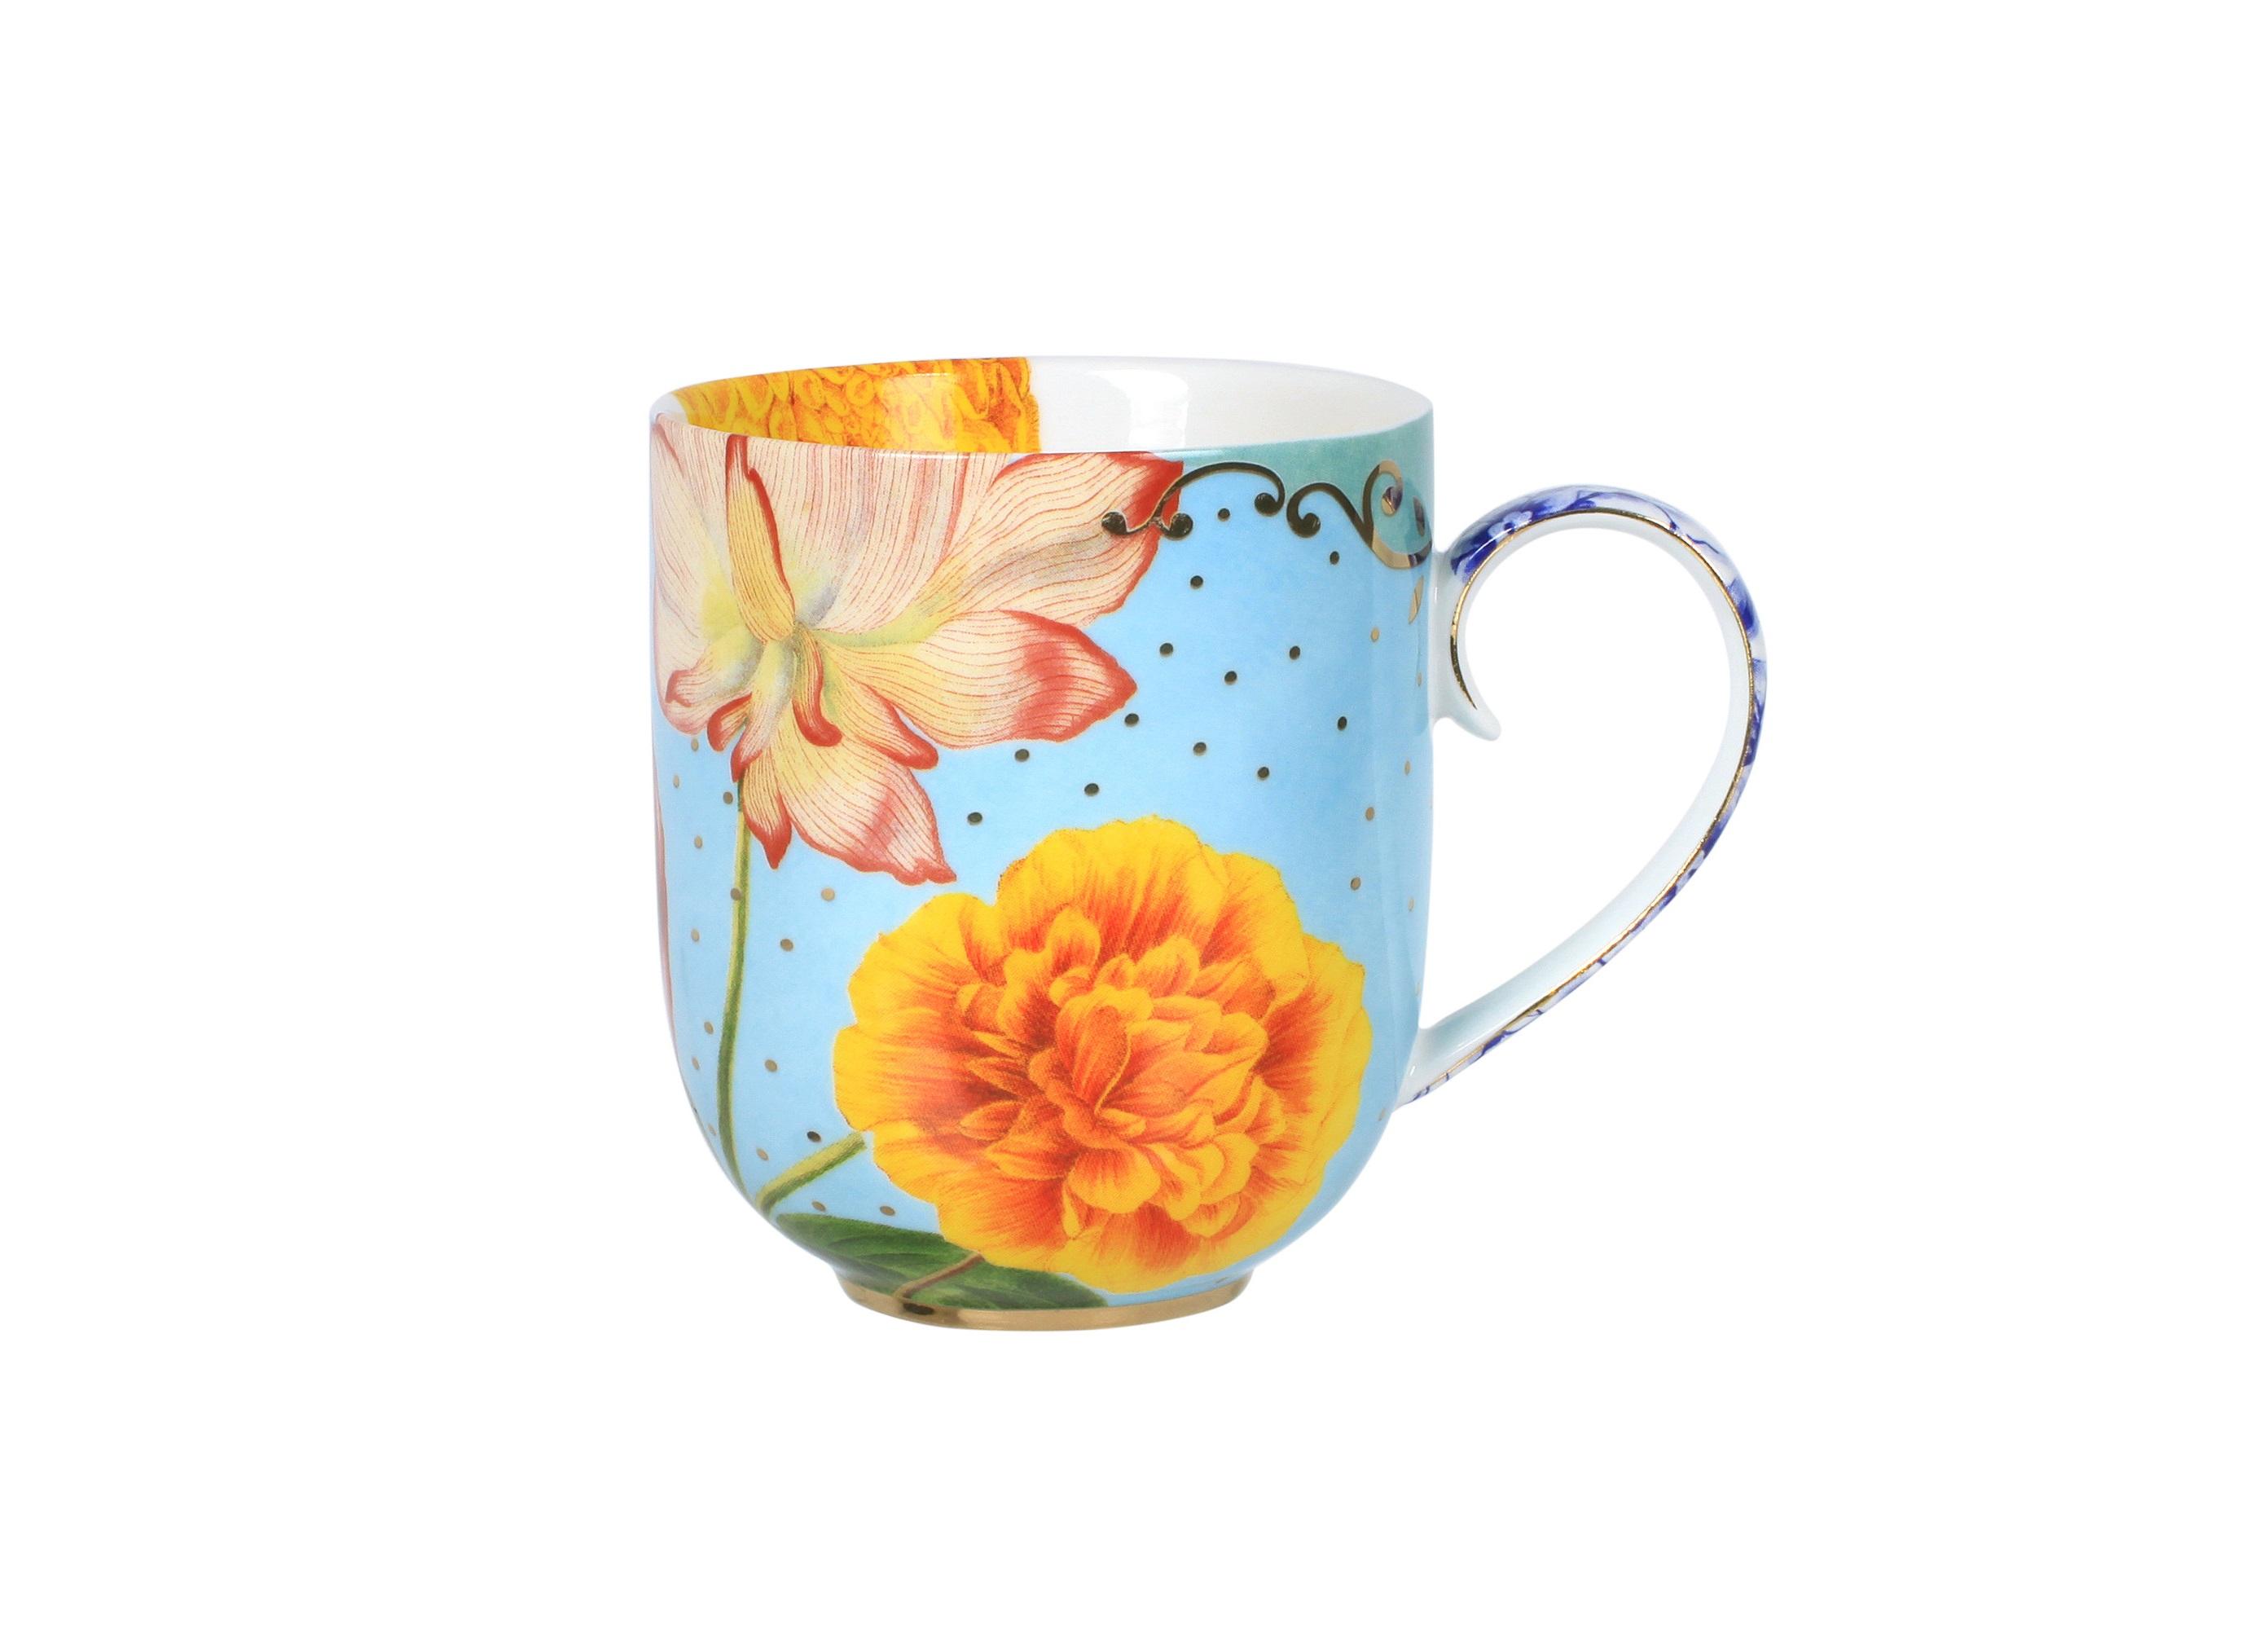 Набор кружек Royal Flowers (2шт)Чайные пары, чашки и кружки<br>Объём 325 мл. Не использовать в микроволновой печи. Не рекомендуется мыть в посудомоечной машине.<br><br>Material: Фарфор<br>Width см: None<br>Depth см: None<br>Height см: 9.5<br>Diameter см: 8